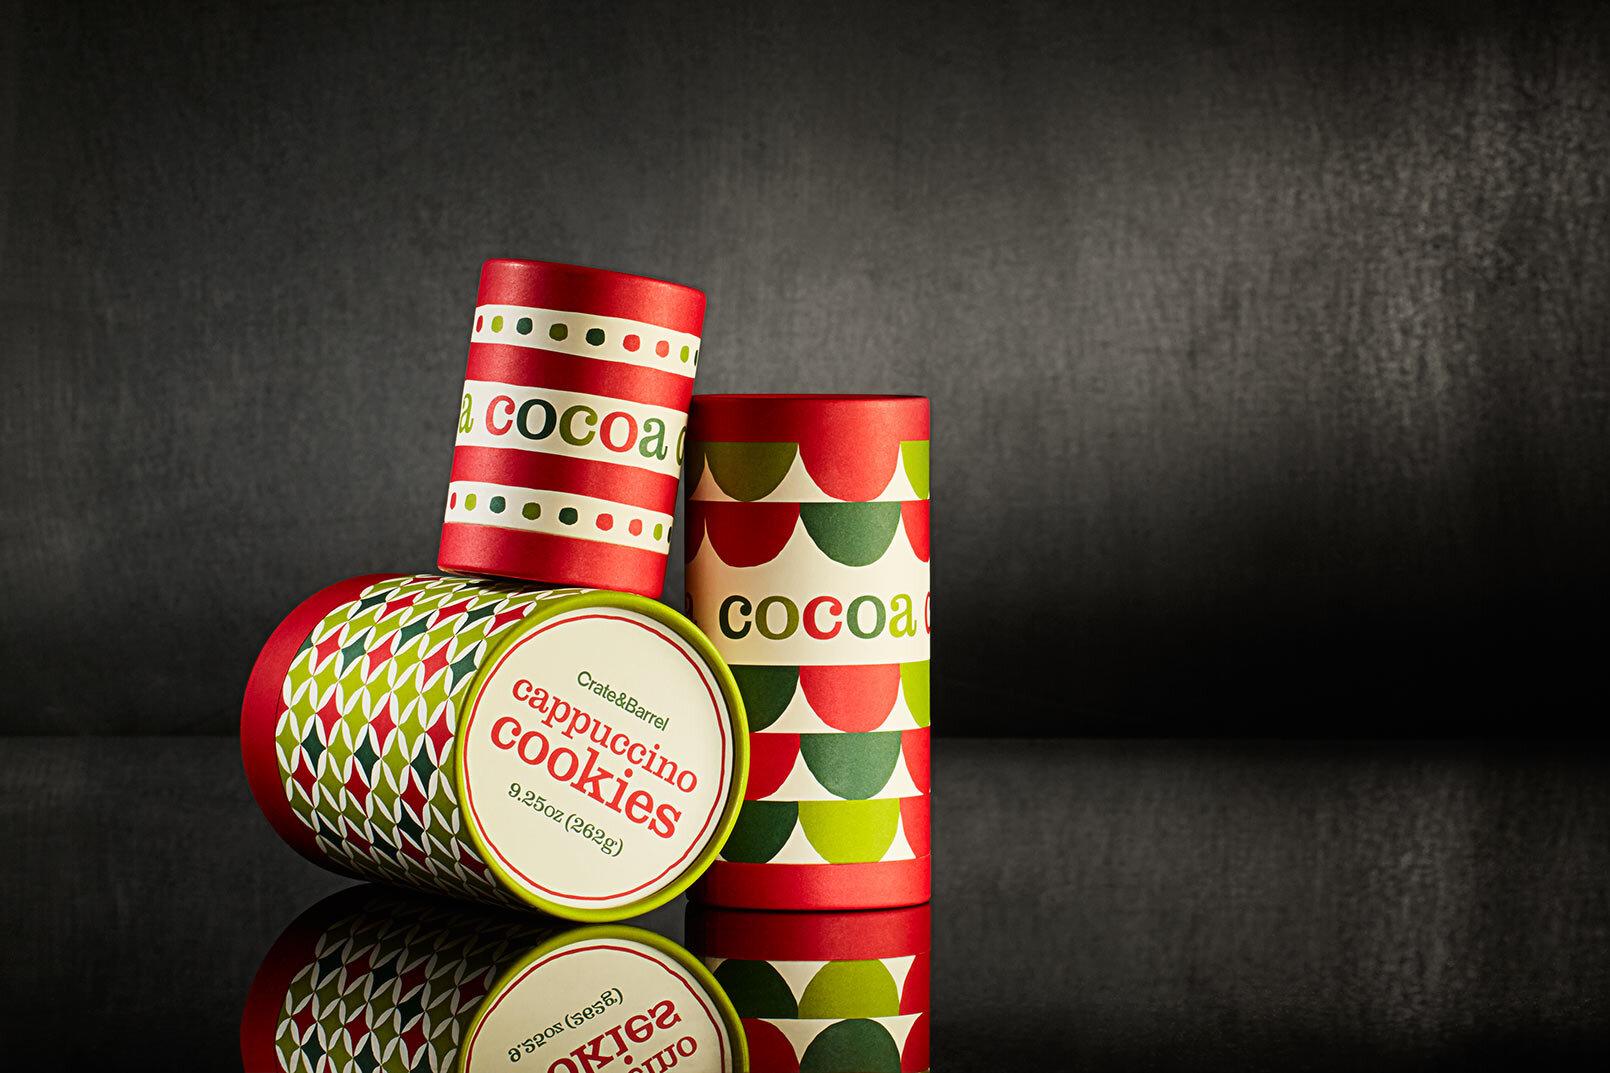 板条箱 - 桶 - 饼干 - 巧克力包装 - 设计 - 结构 -  Cocoa-Cappuccino-Cylinder-Box.jpg